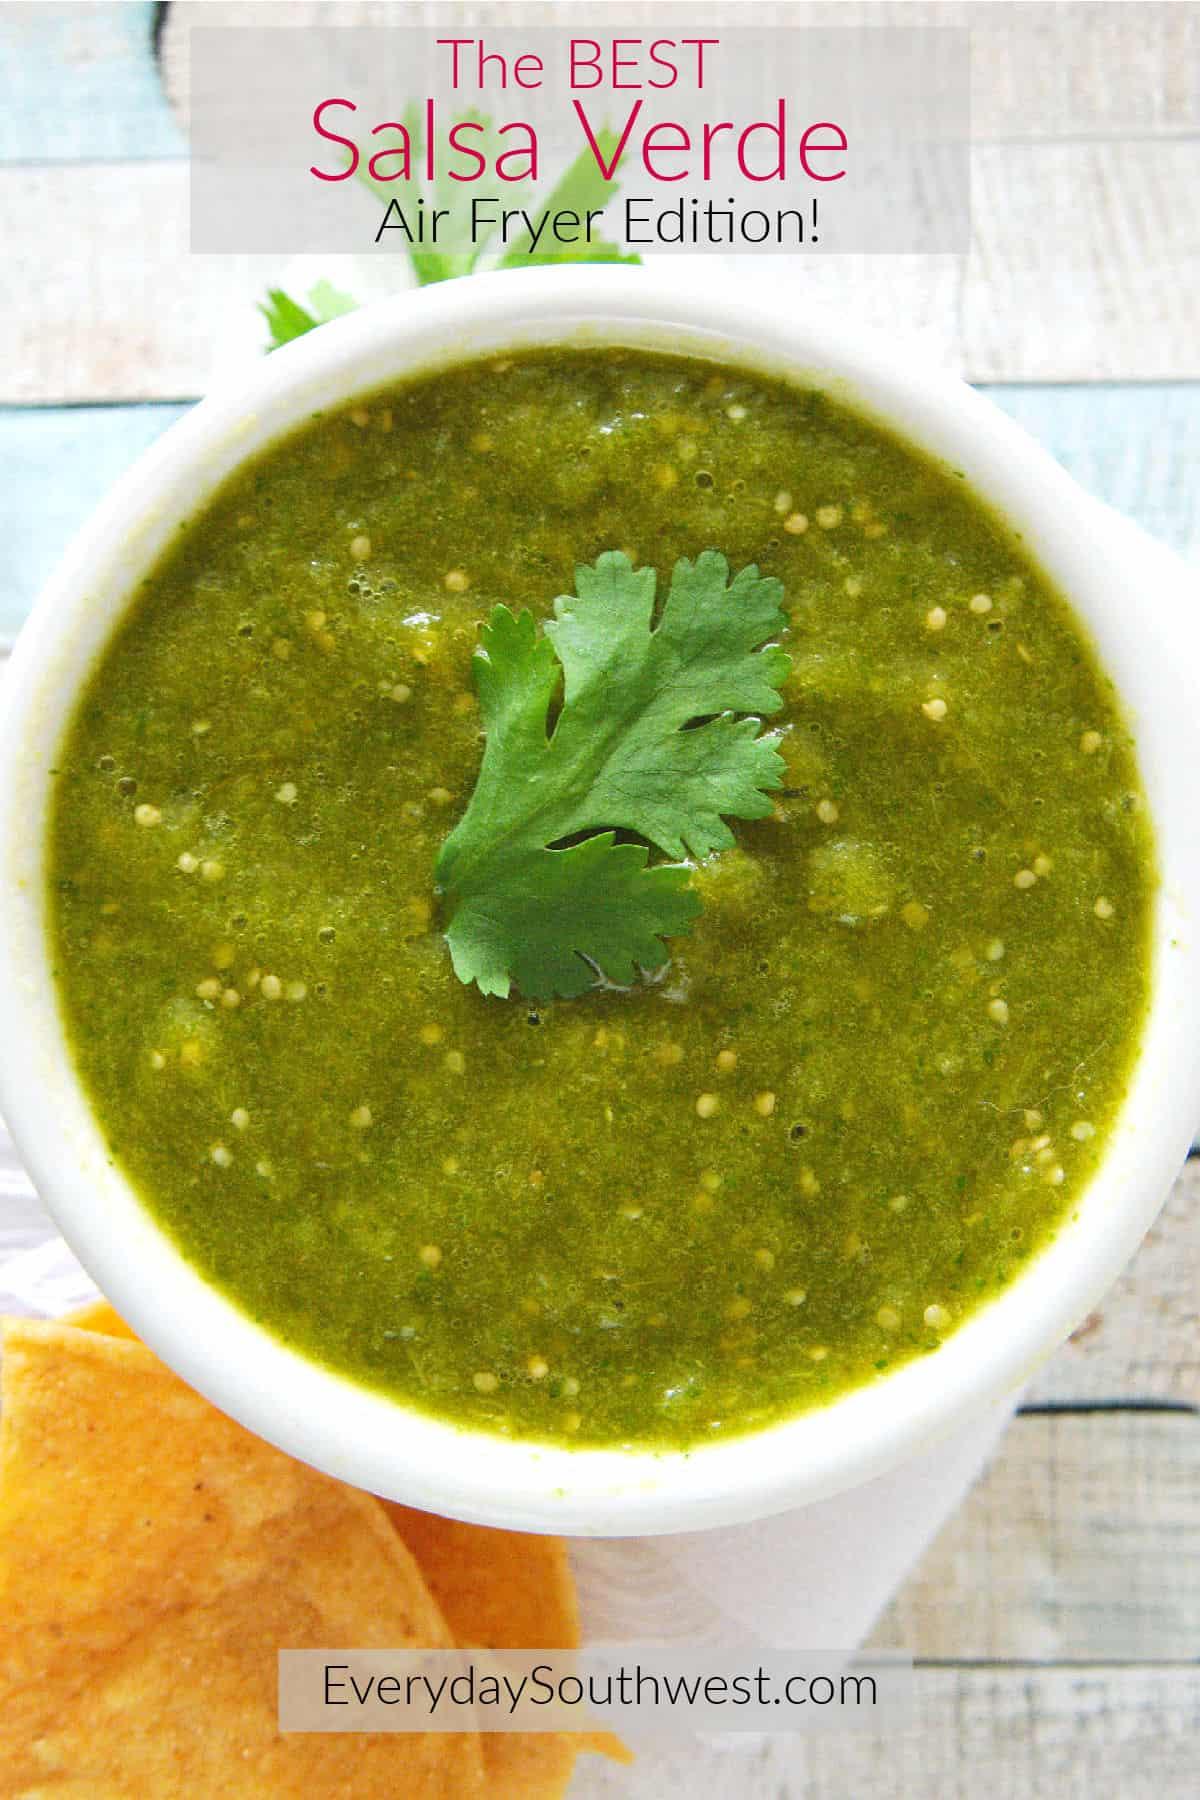 Salsa Verde or Green Salsa